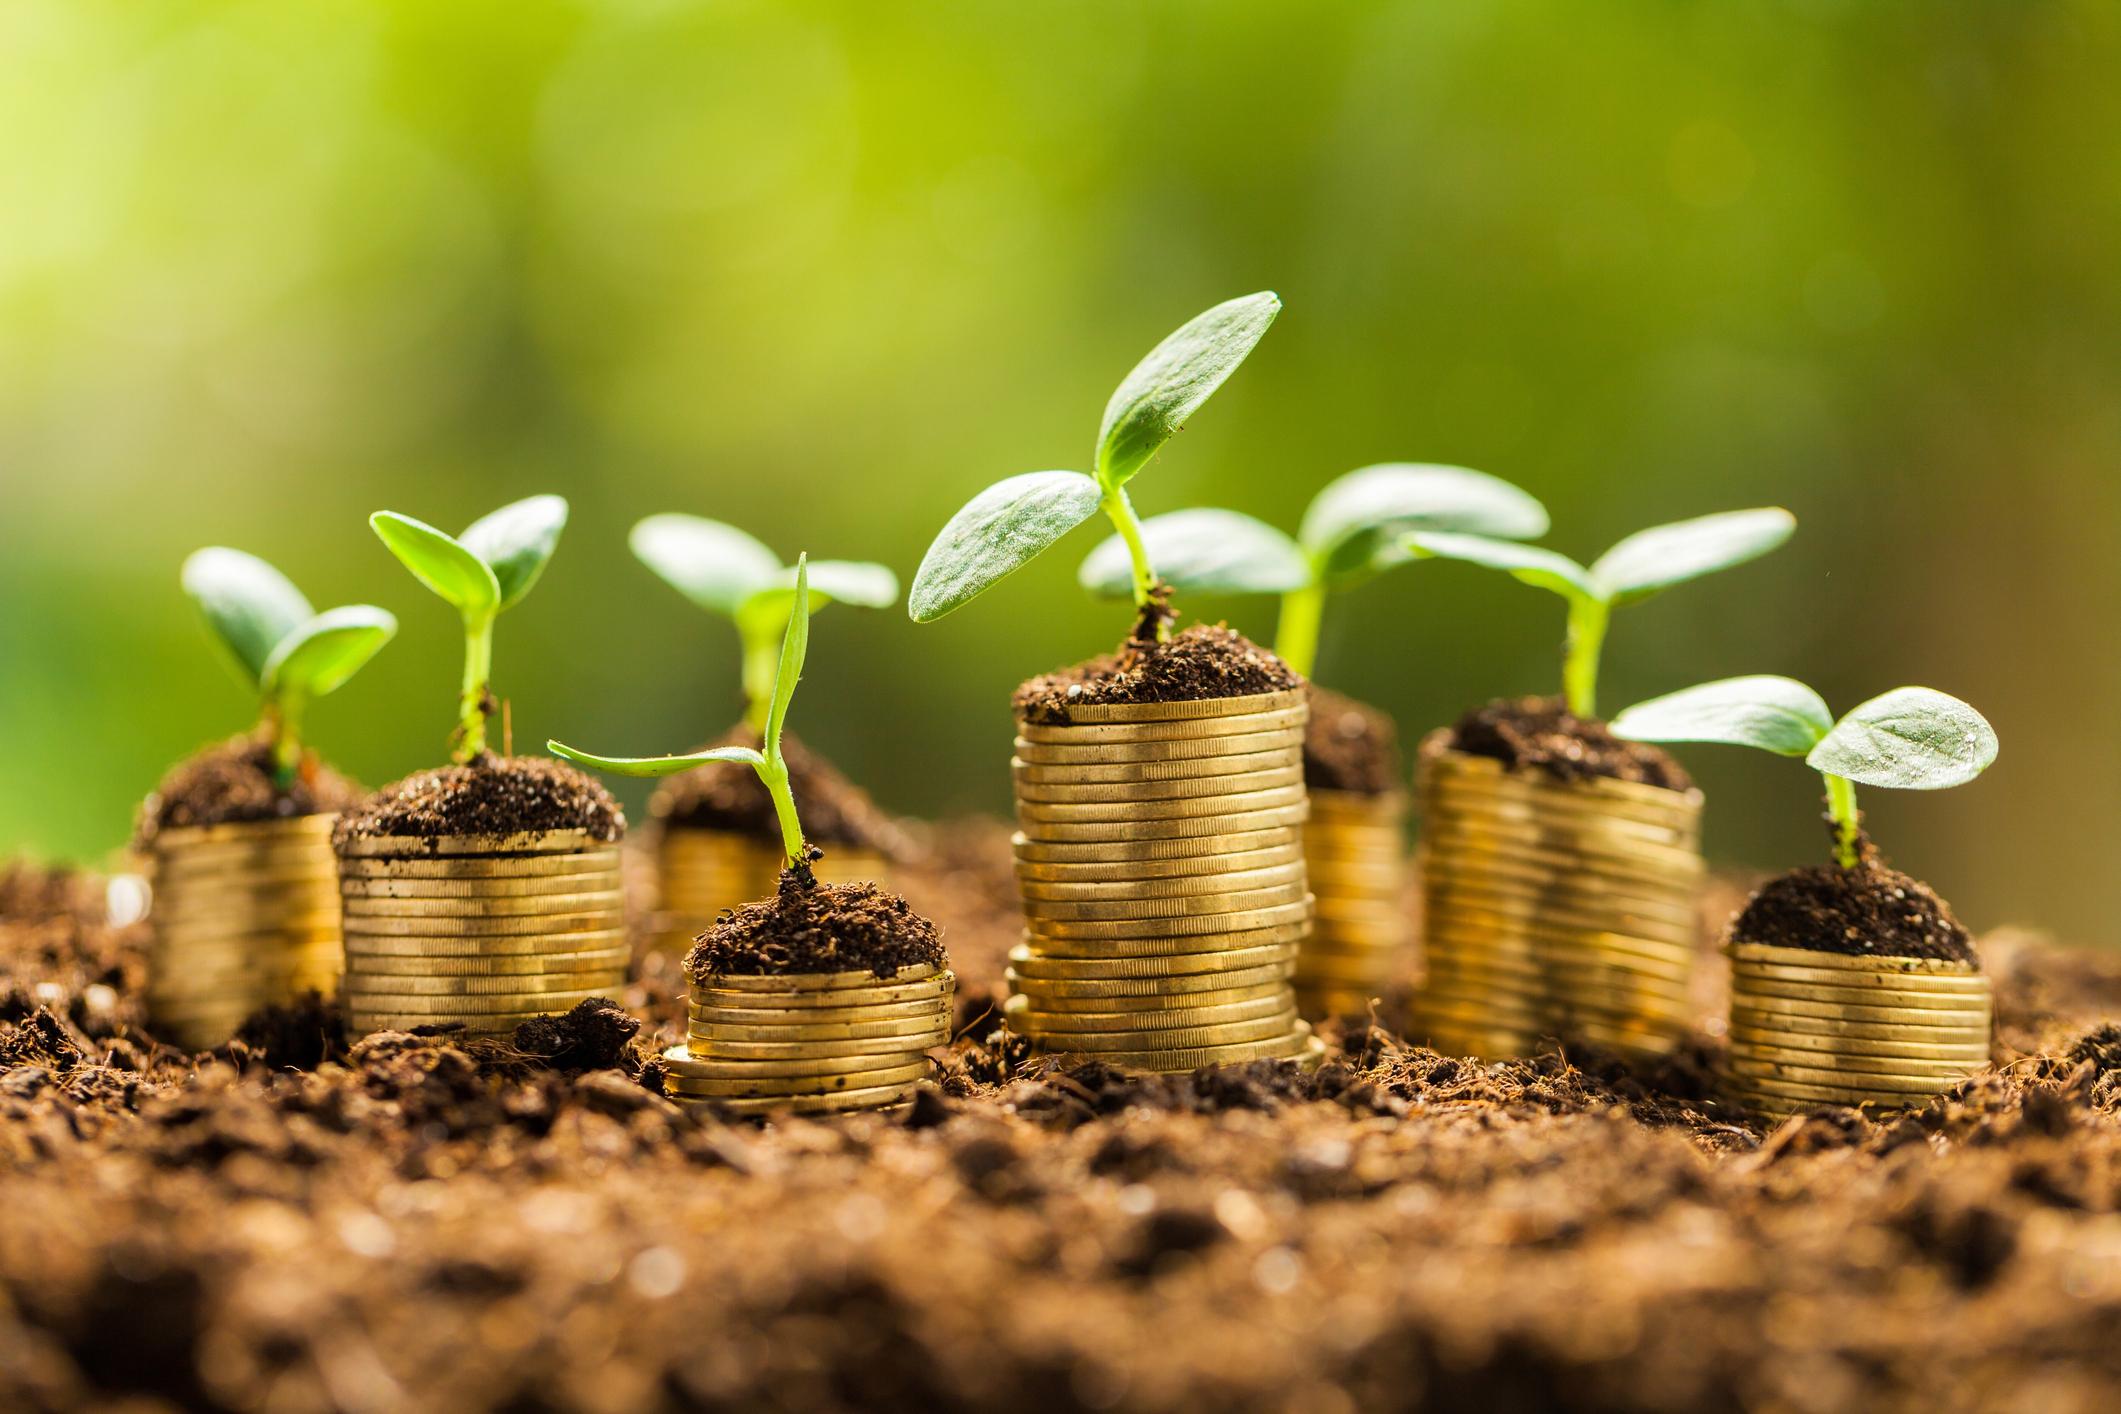 CashKeeper gestión de efectivo